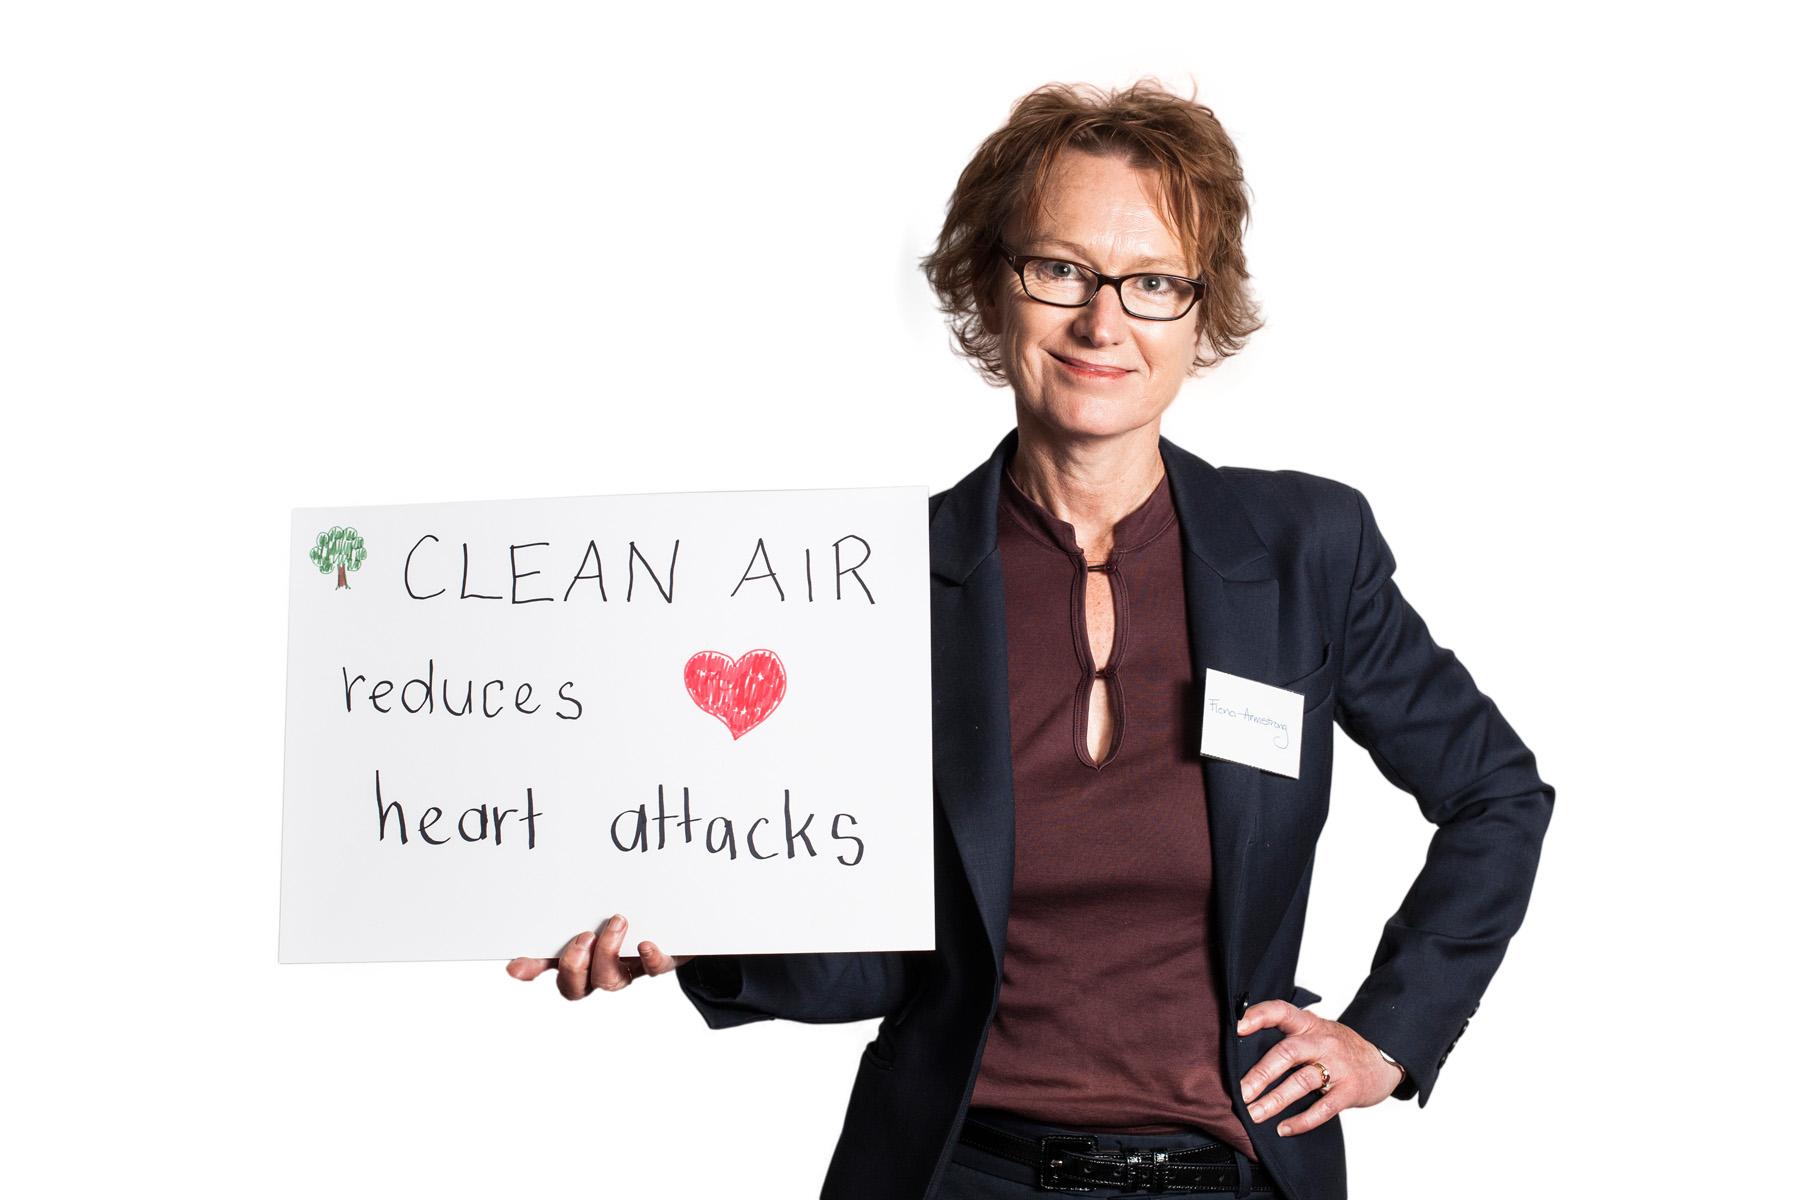 clean_air_reduces_heart_attacks.jpg